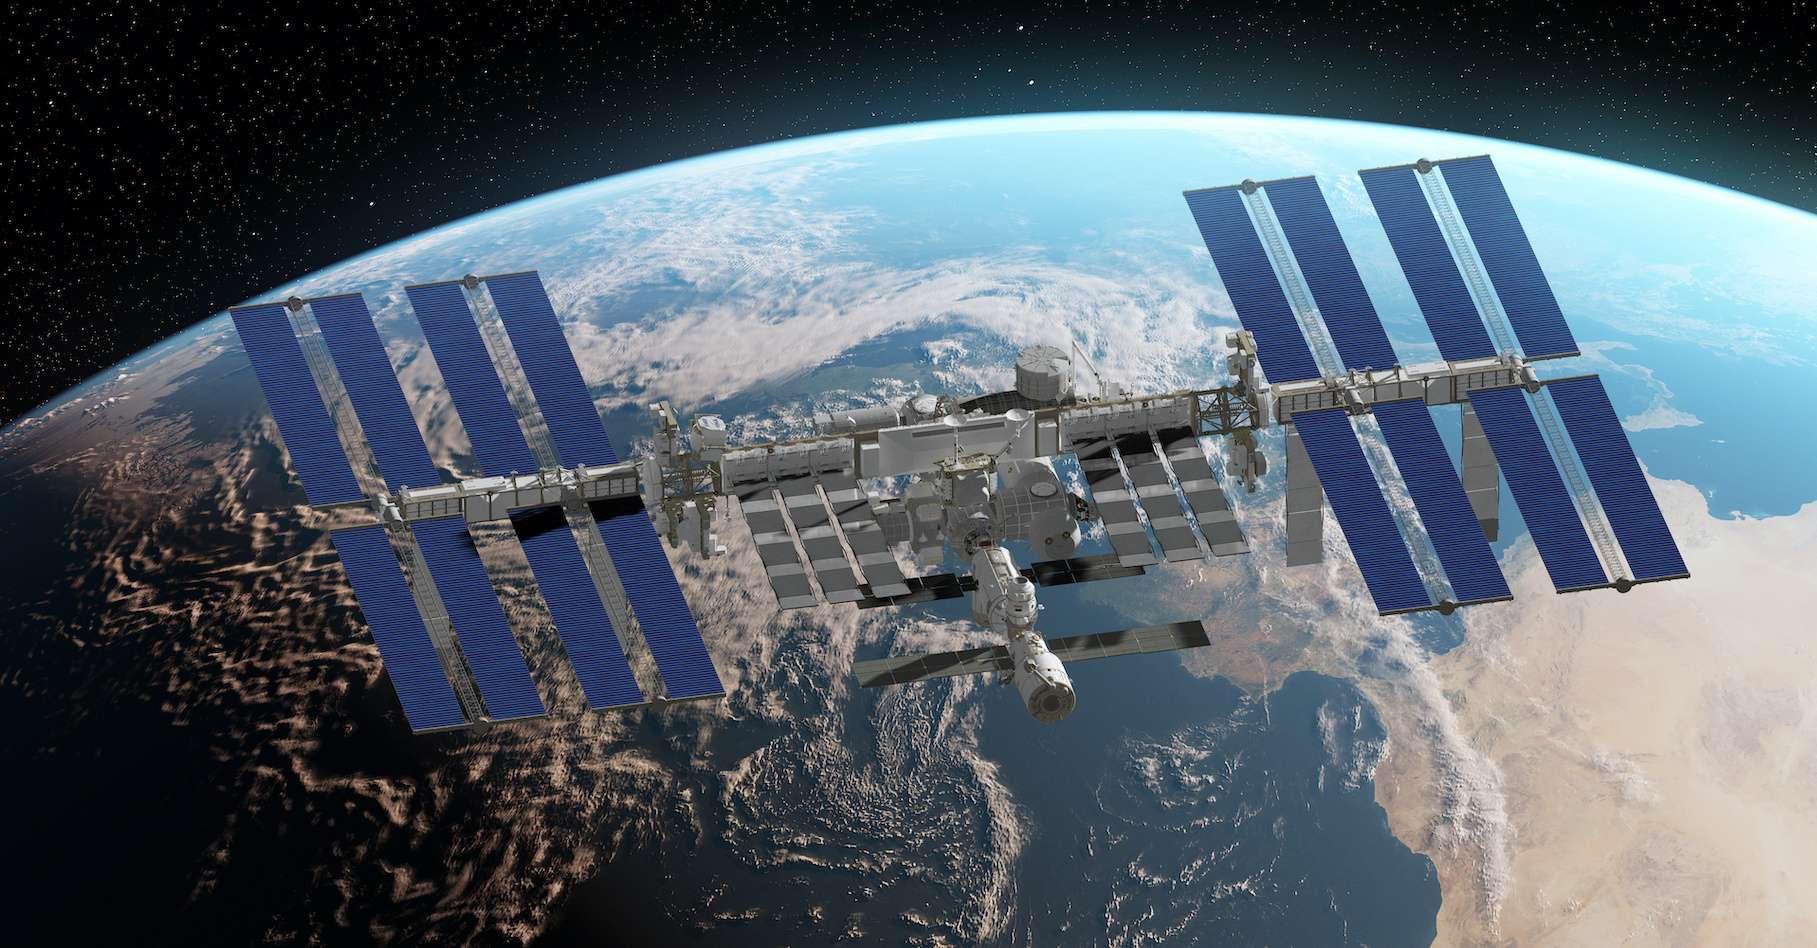 La Station spatiale internationale est prévue pour fonctionner au moins jusqu'en 2024. © SciePro, Adobe Stock